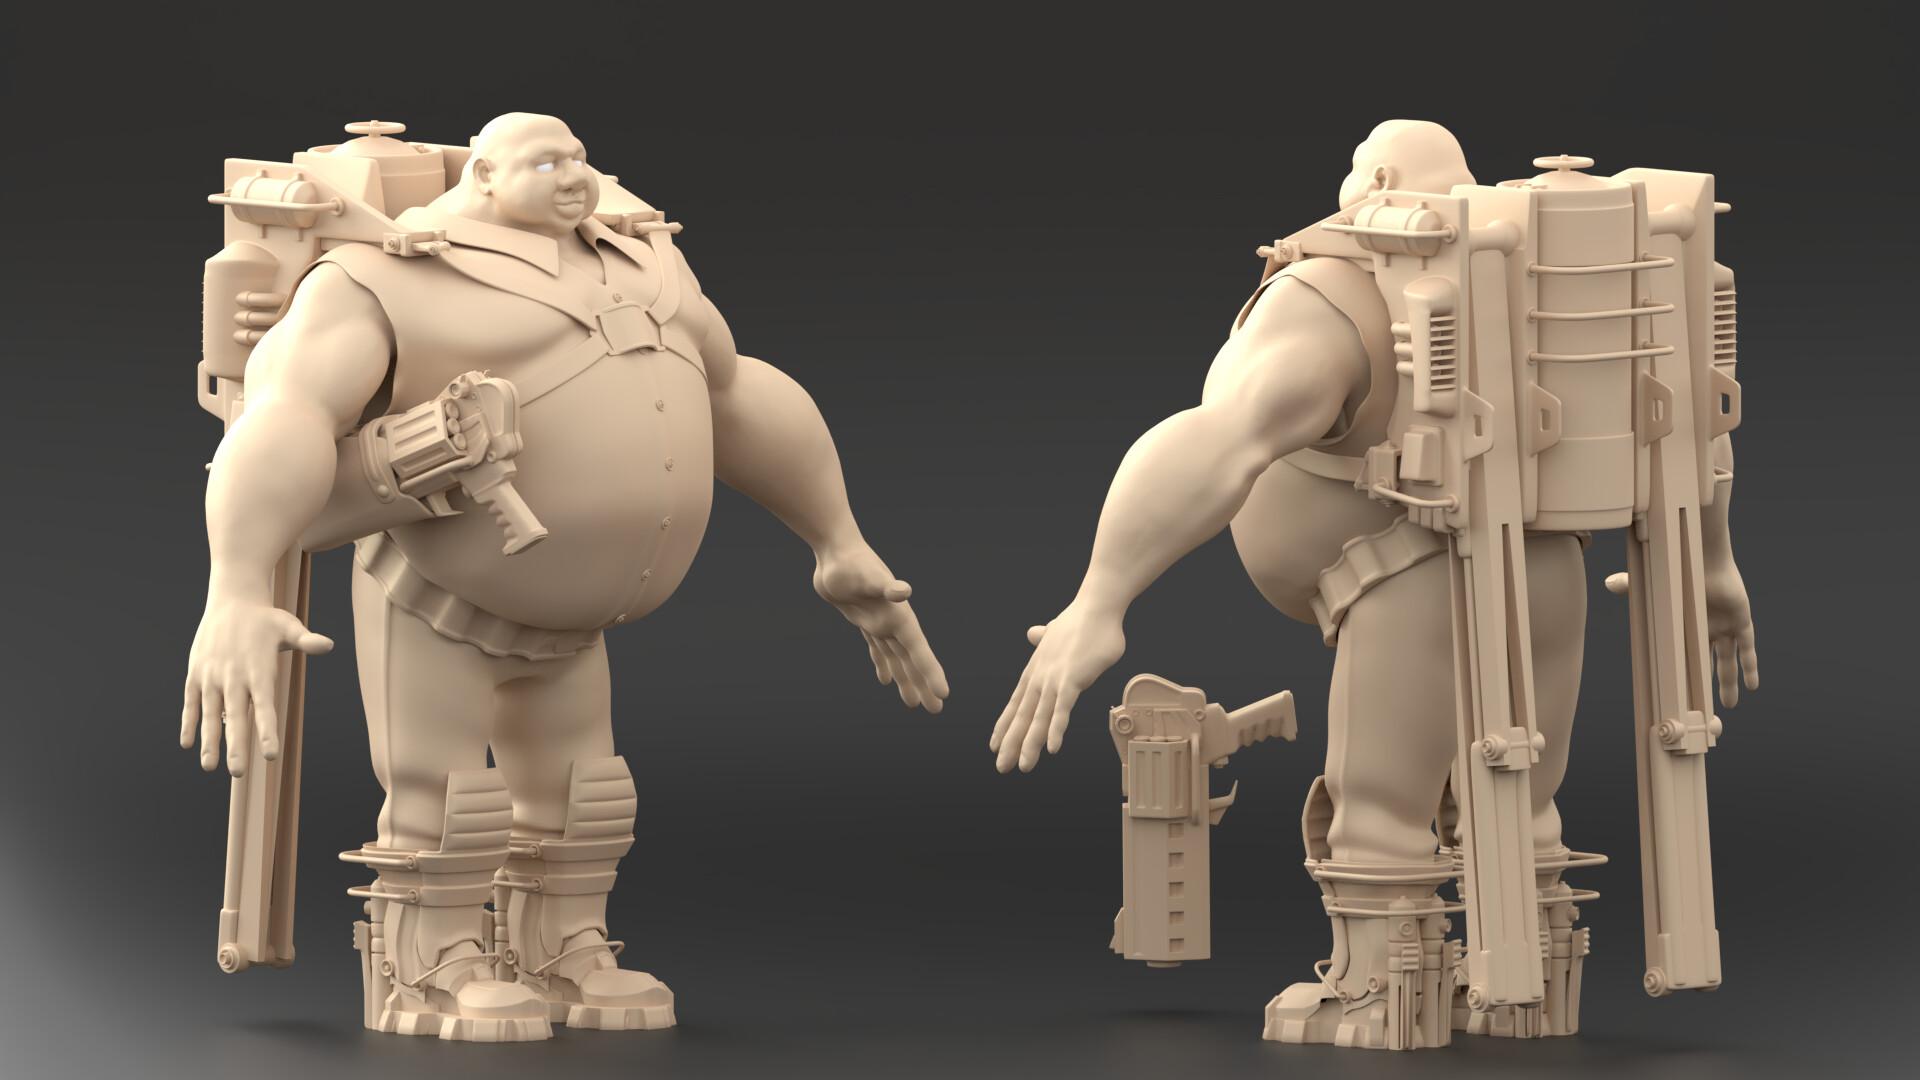 High-poly clay sculpt/model